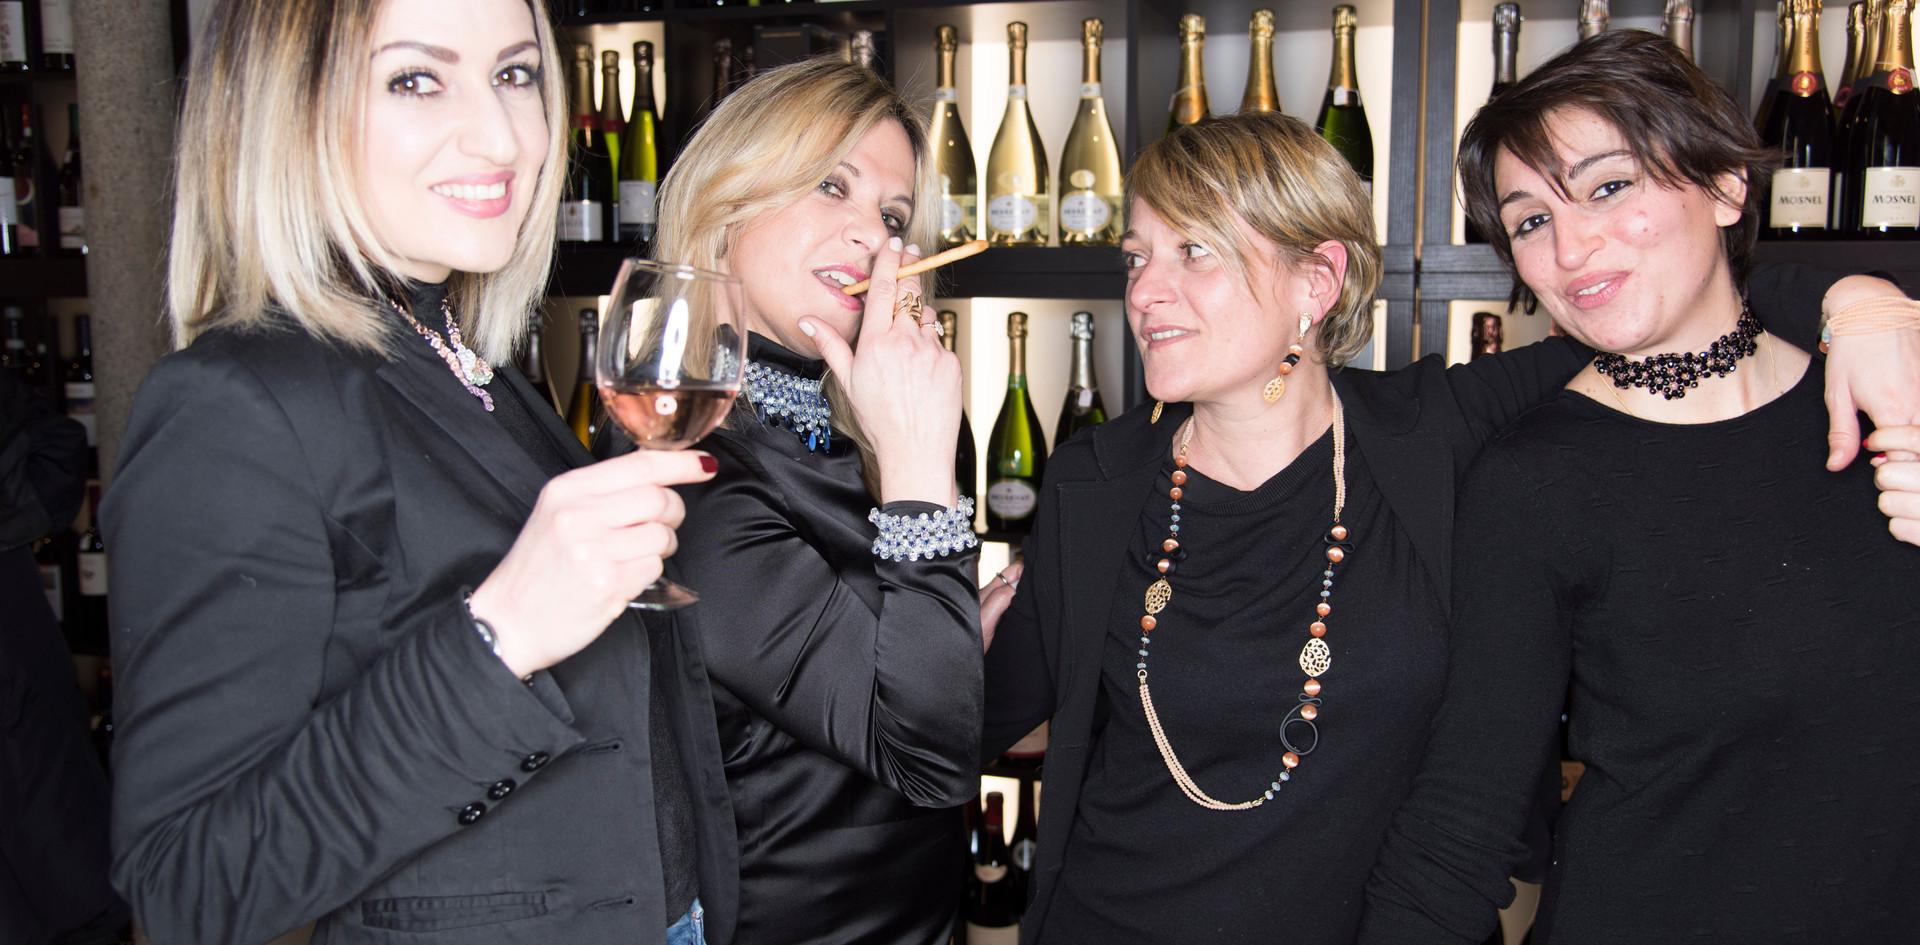 festa di primavera 2018 collane bracciali orecchini per tuttele occasioni amici festa (35).jpg